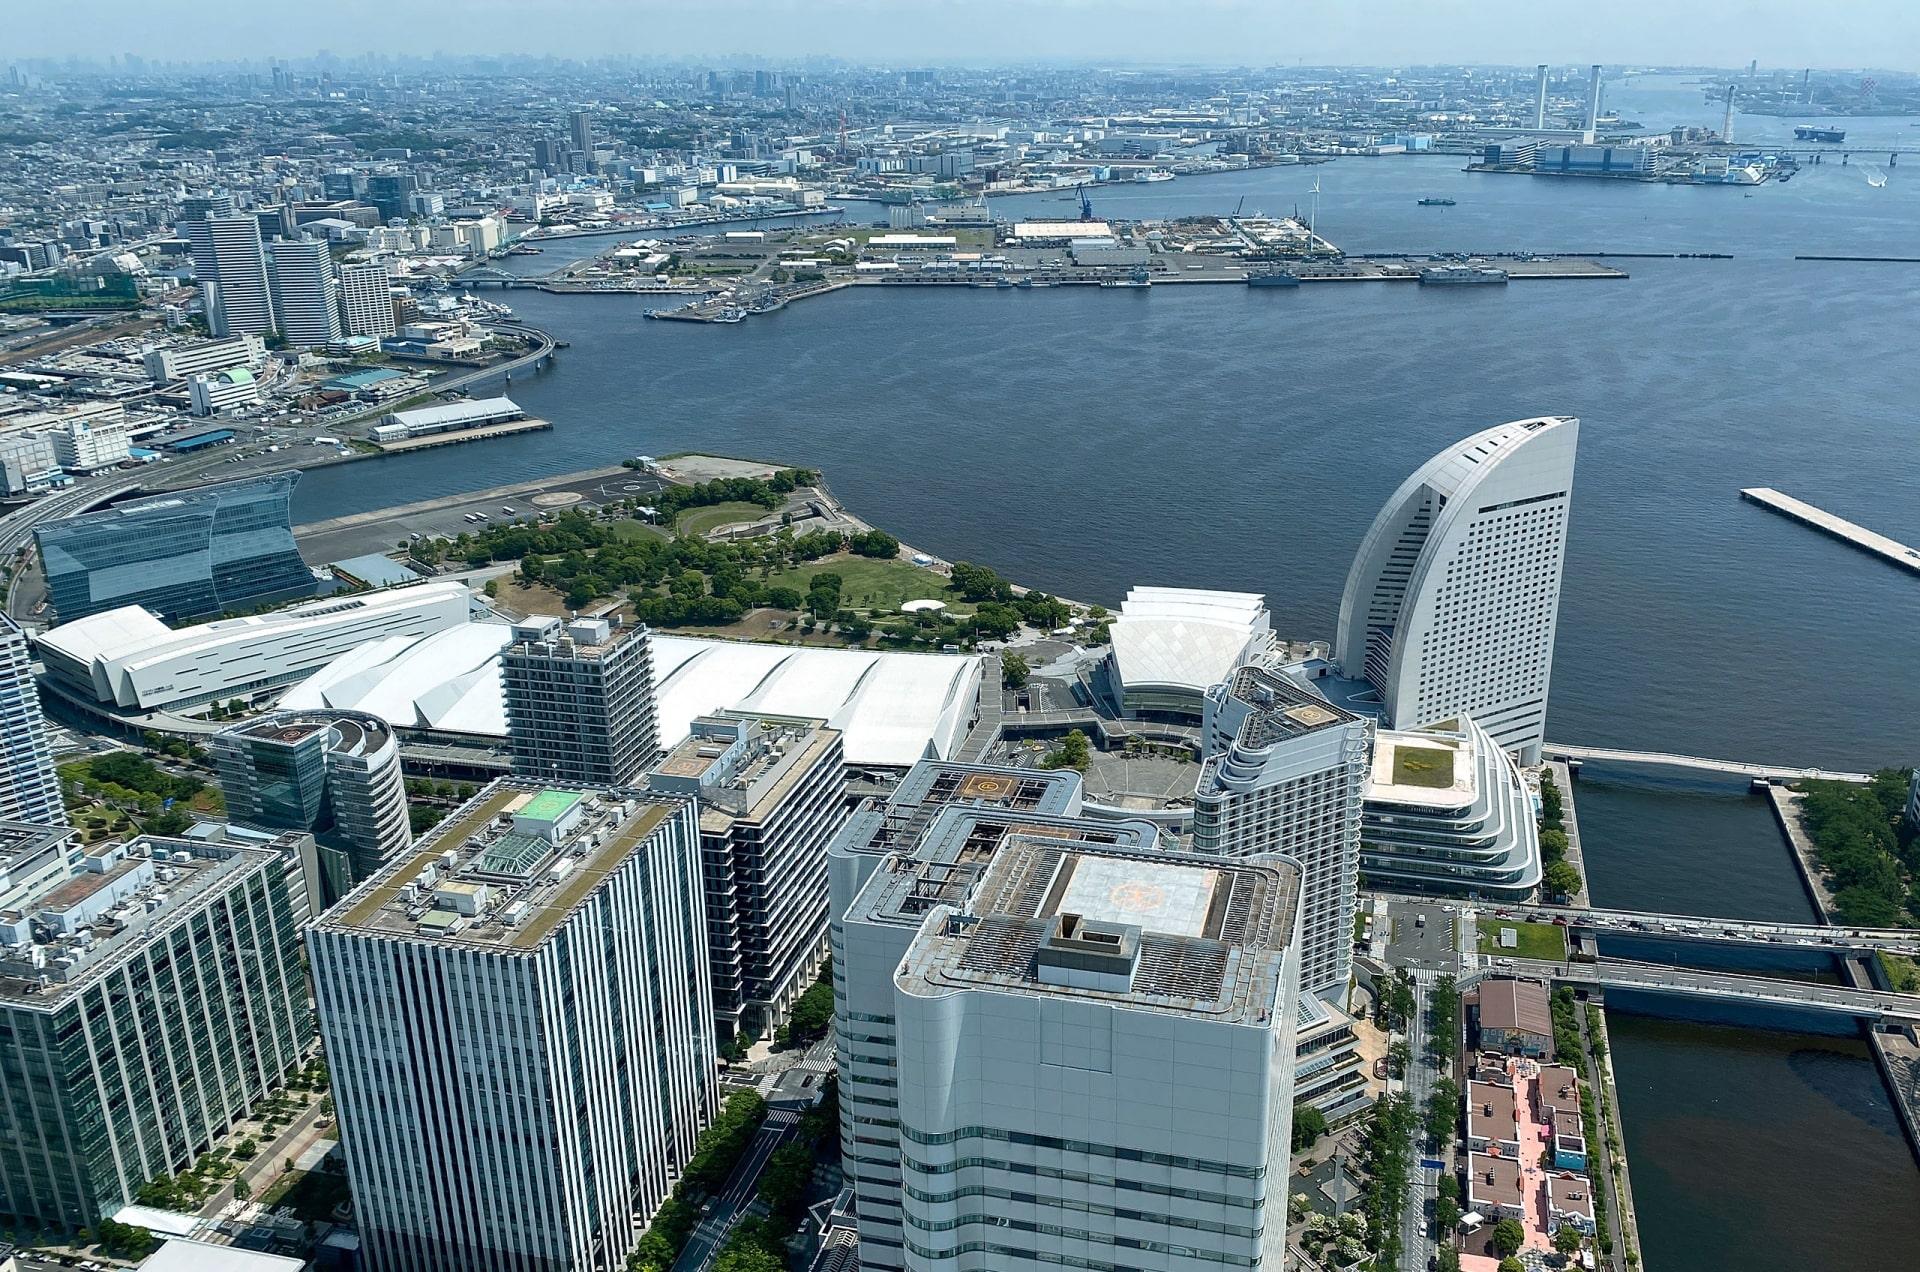 人気の横浜市で暮らしたい!地形や災害リスクを考慮した住宅選びの注意点